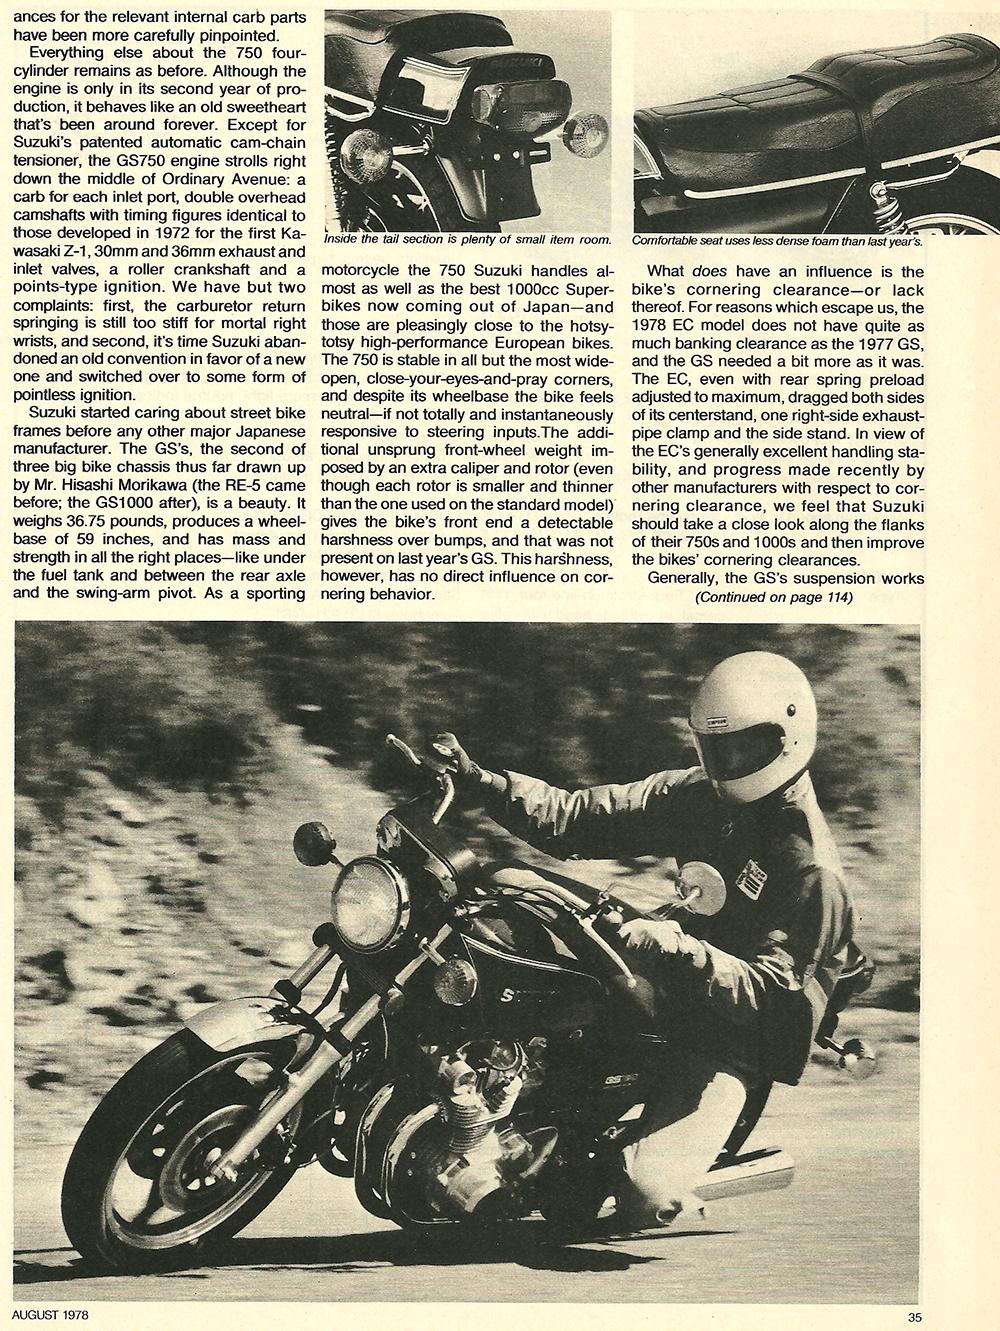 1978 Suzuki GS750ec road test 04.jpg